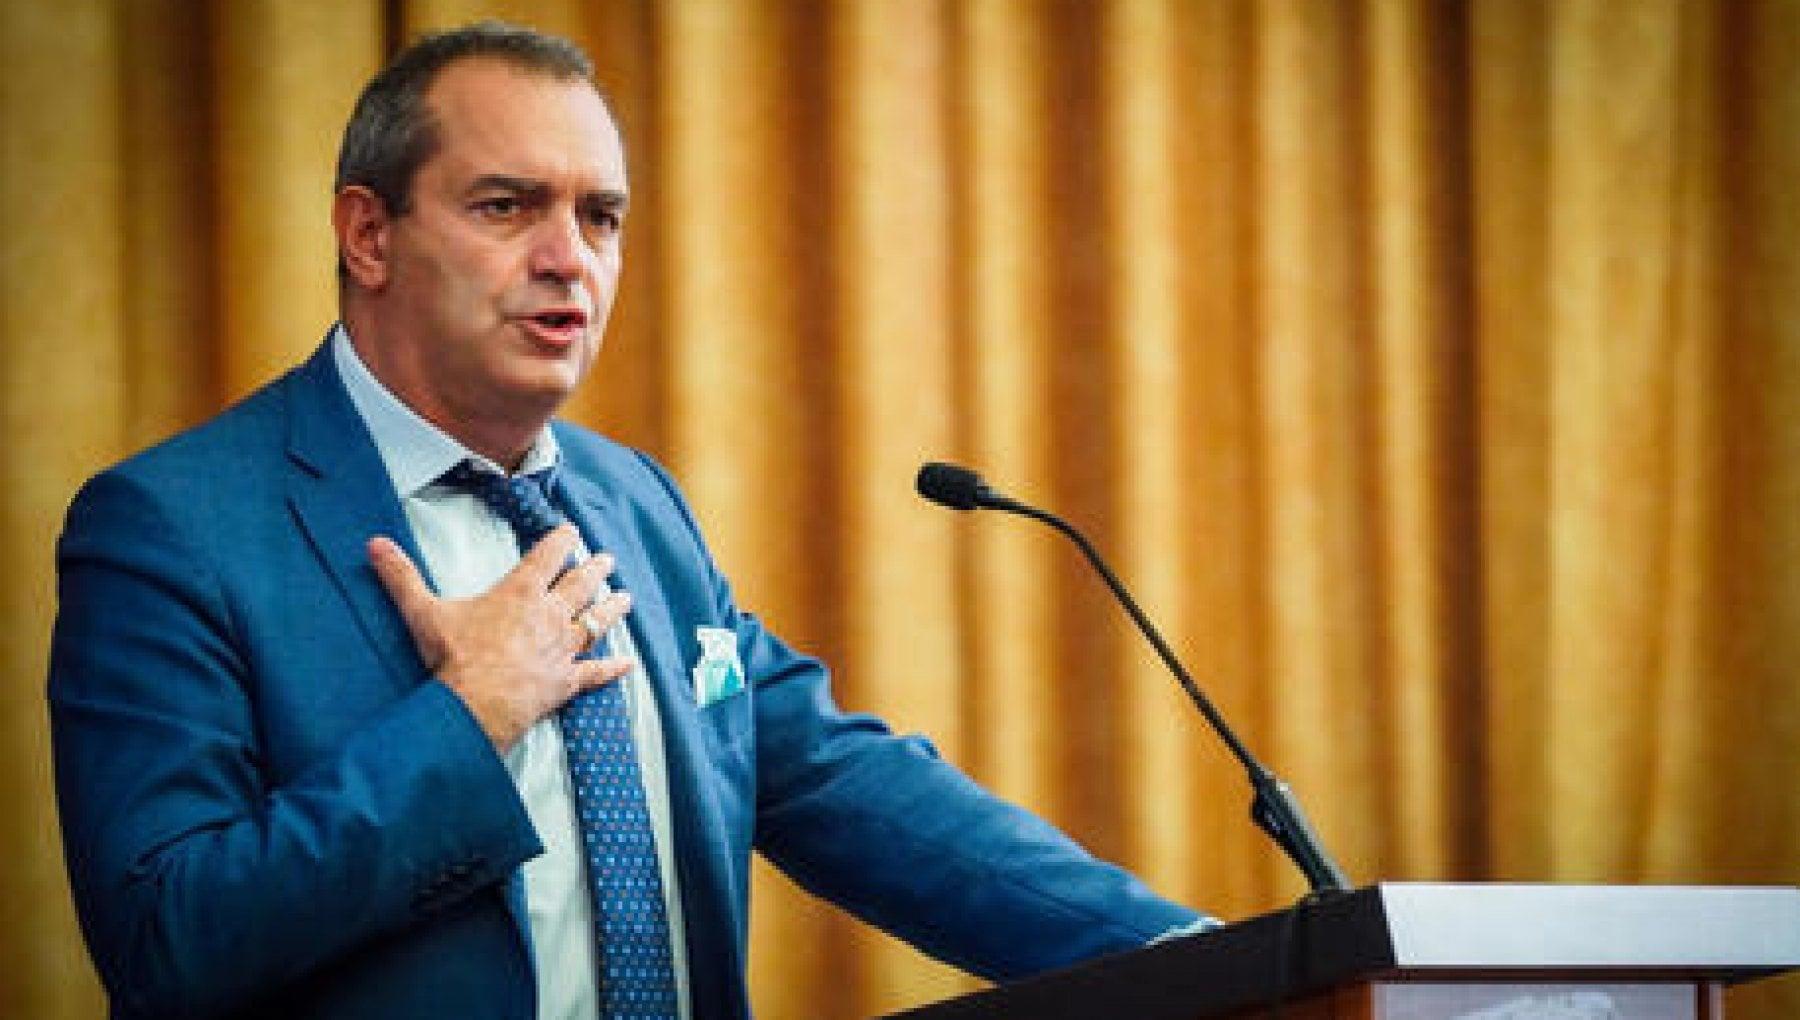 De Magistris Mi candido a presidente della Regione Calabria